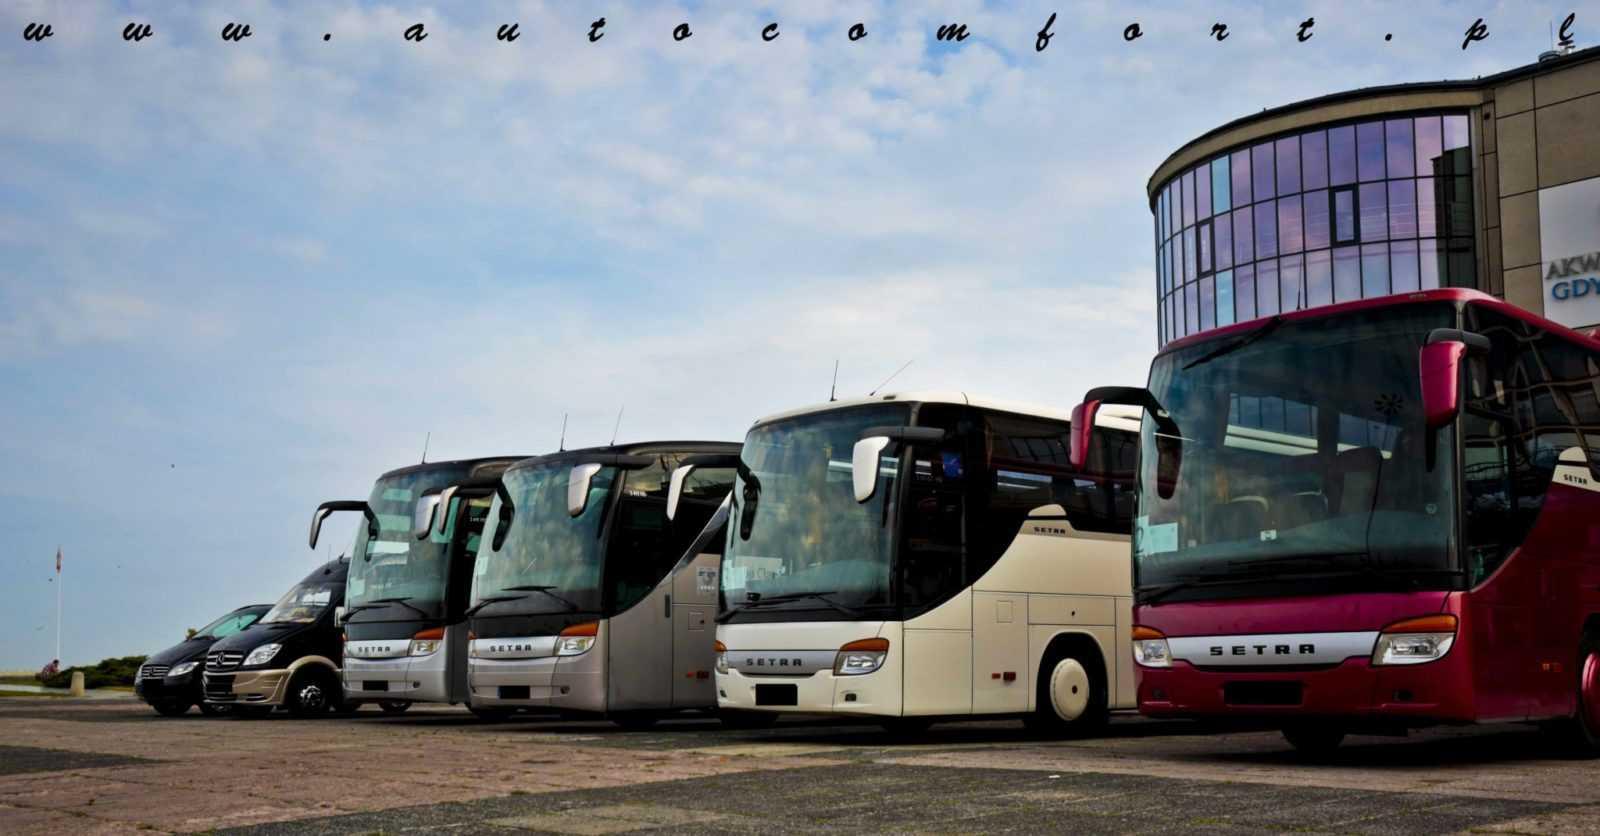 transport vip uslugi concierge wynajem busow autokarow przewoz osob gdansk gdynia sopot trojmiasto autocomfort (1)